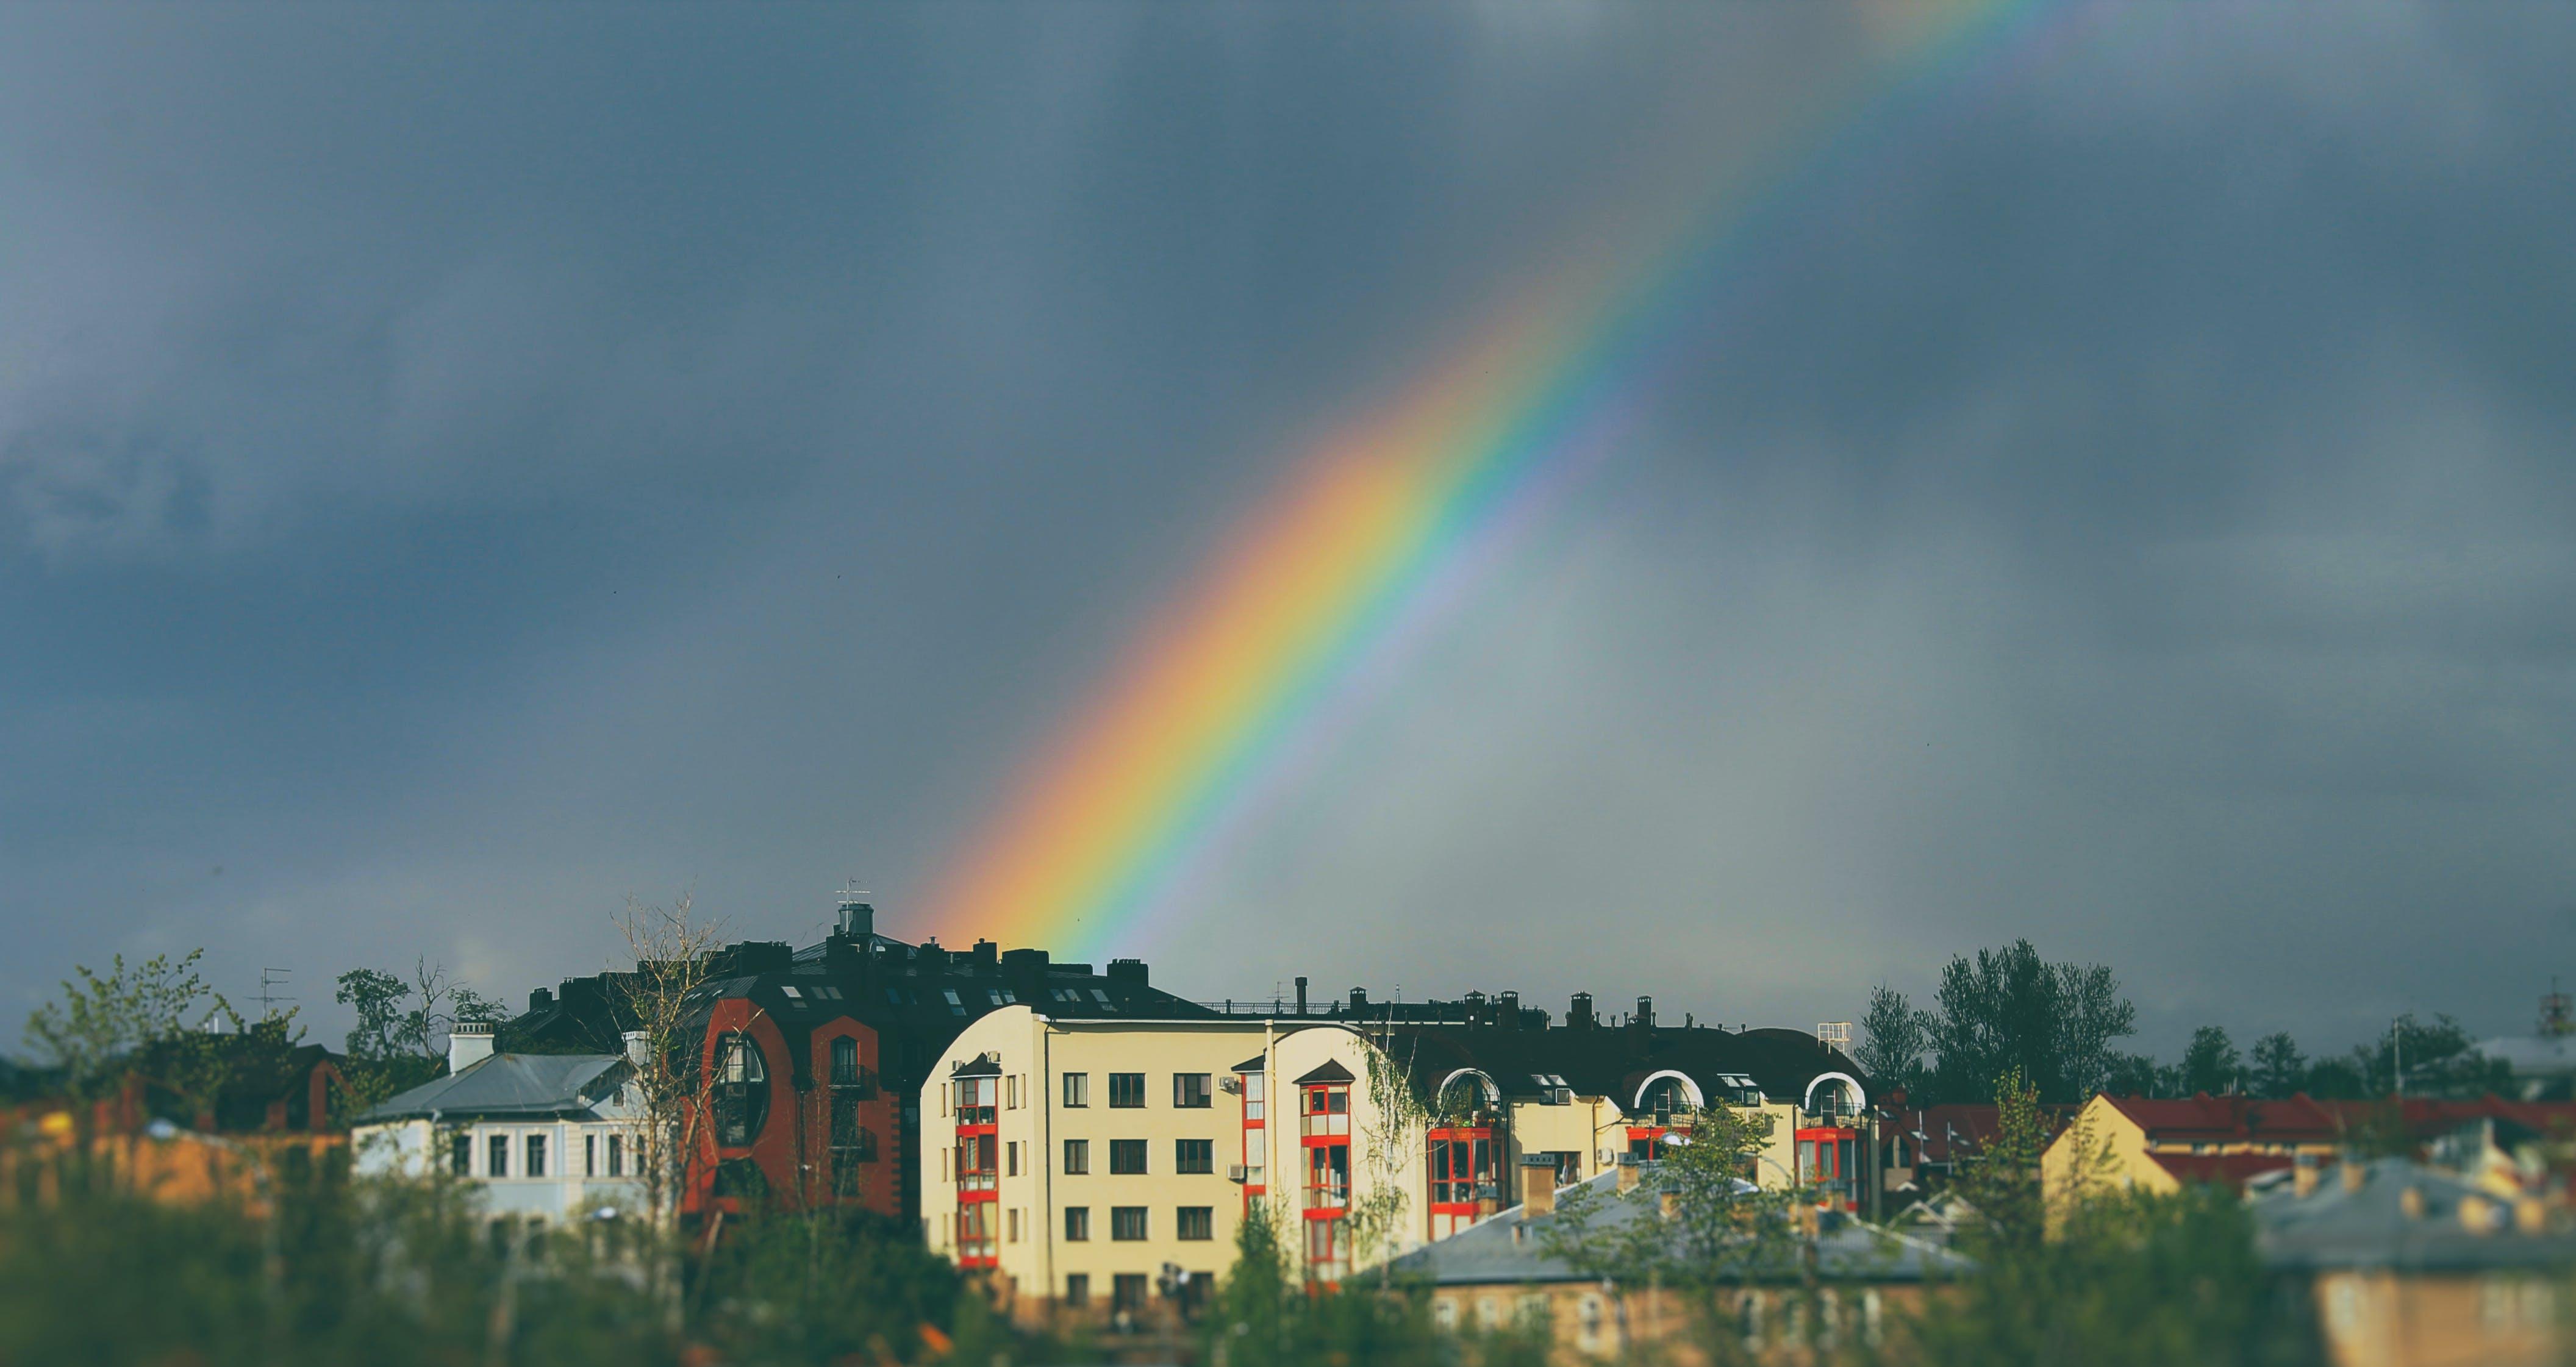 Rainbow on Sky over Buildings